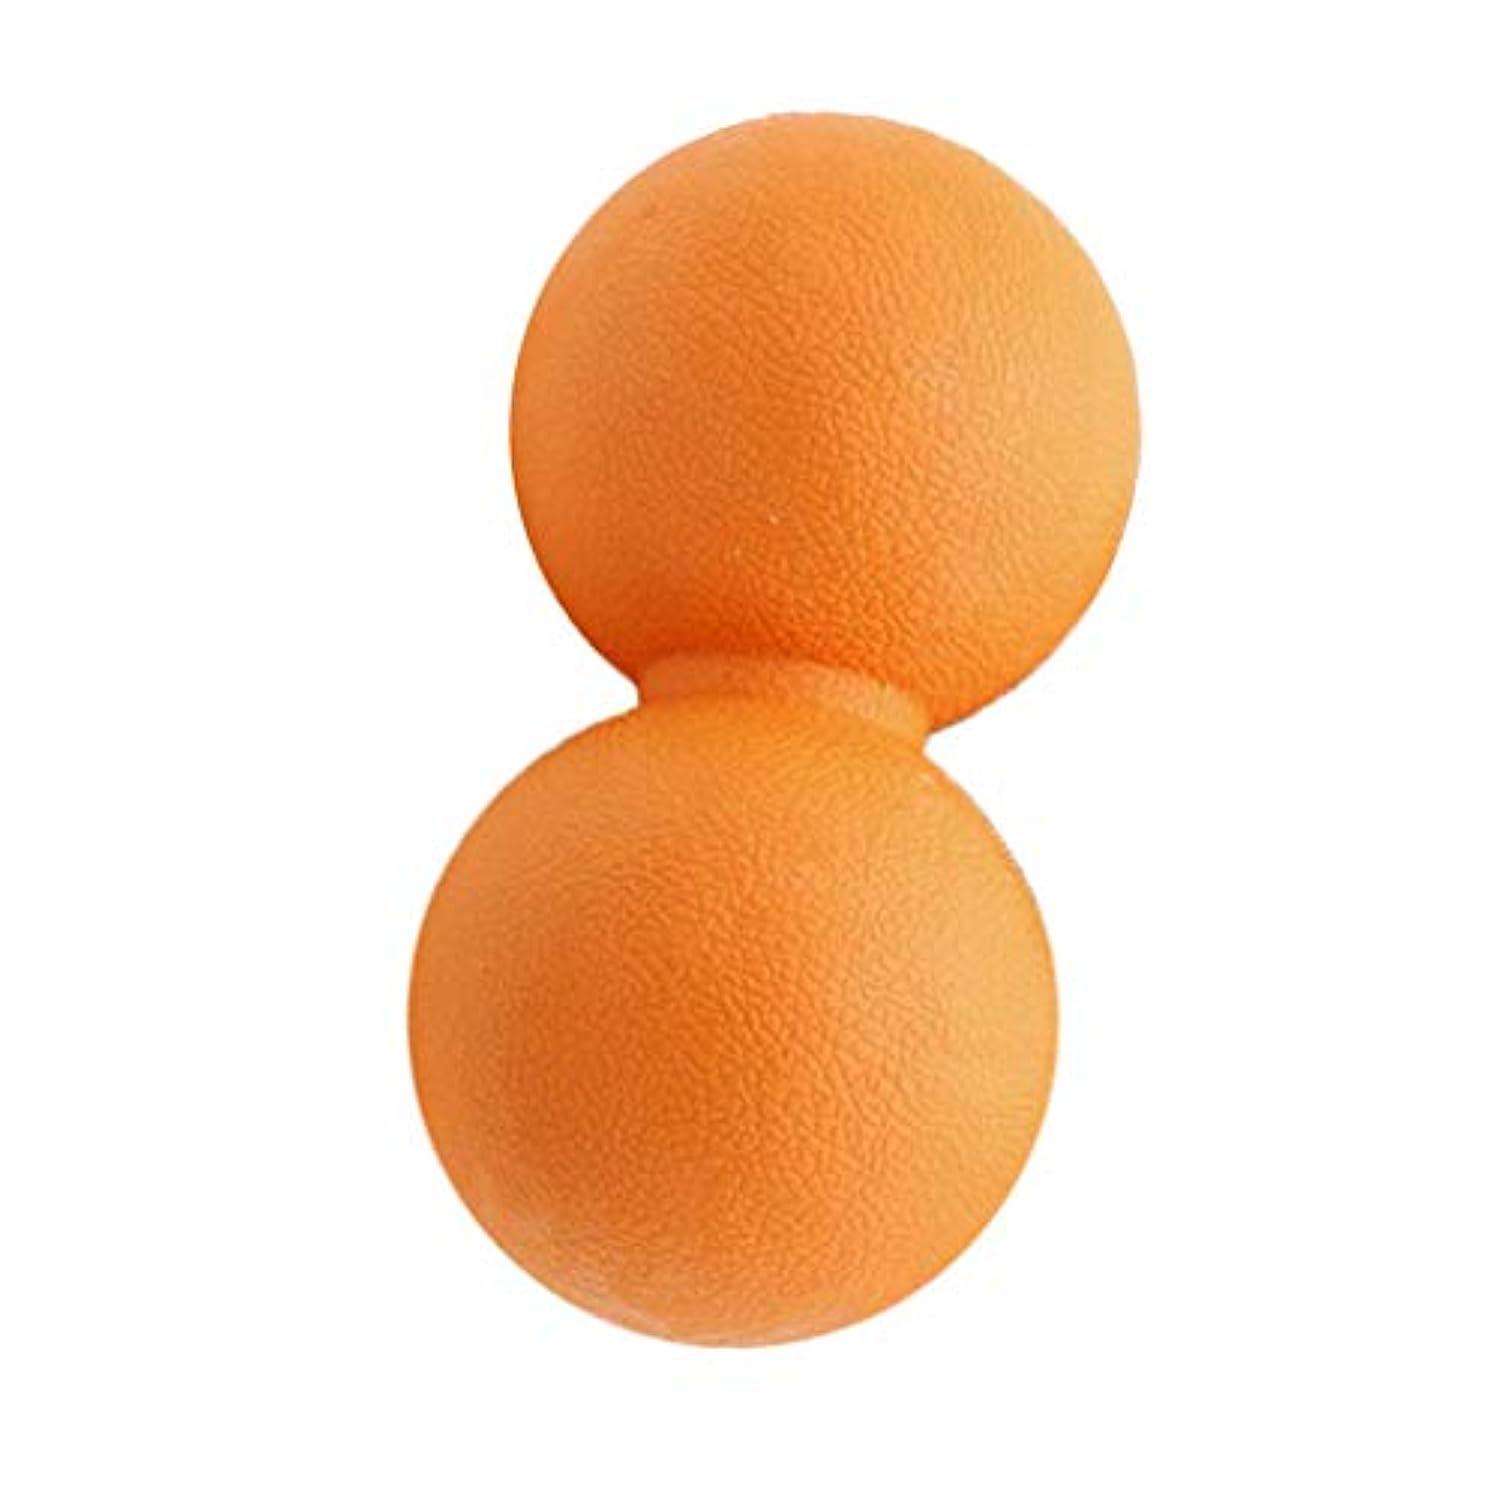 マニアック懐ラボCUTICATE 全2色 マッサージボール ピーナッツ ツボ押しグッズ 疲れ解消ボール 筋膜リリース 筋肉疲労回復 - オレンジ, 13cm